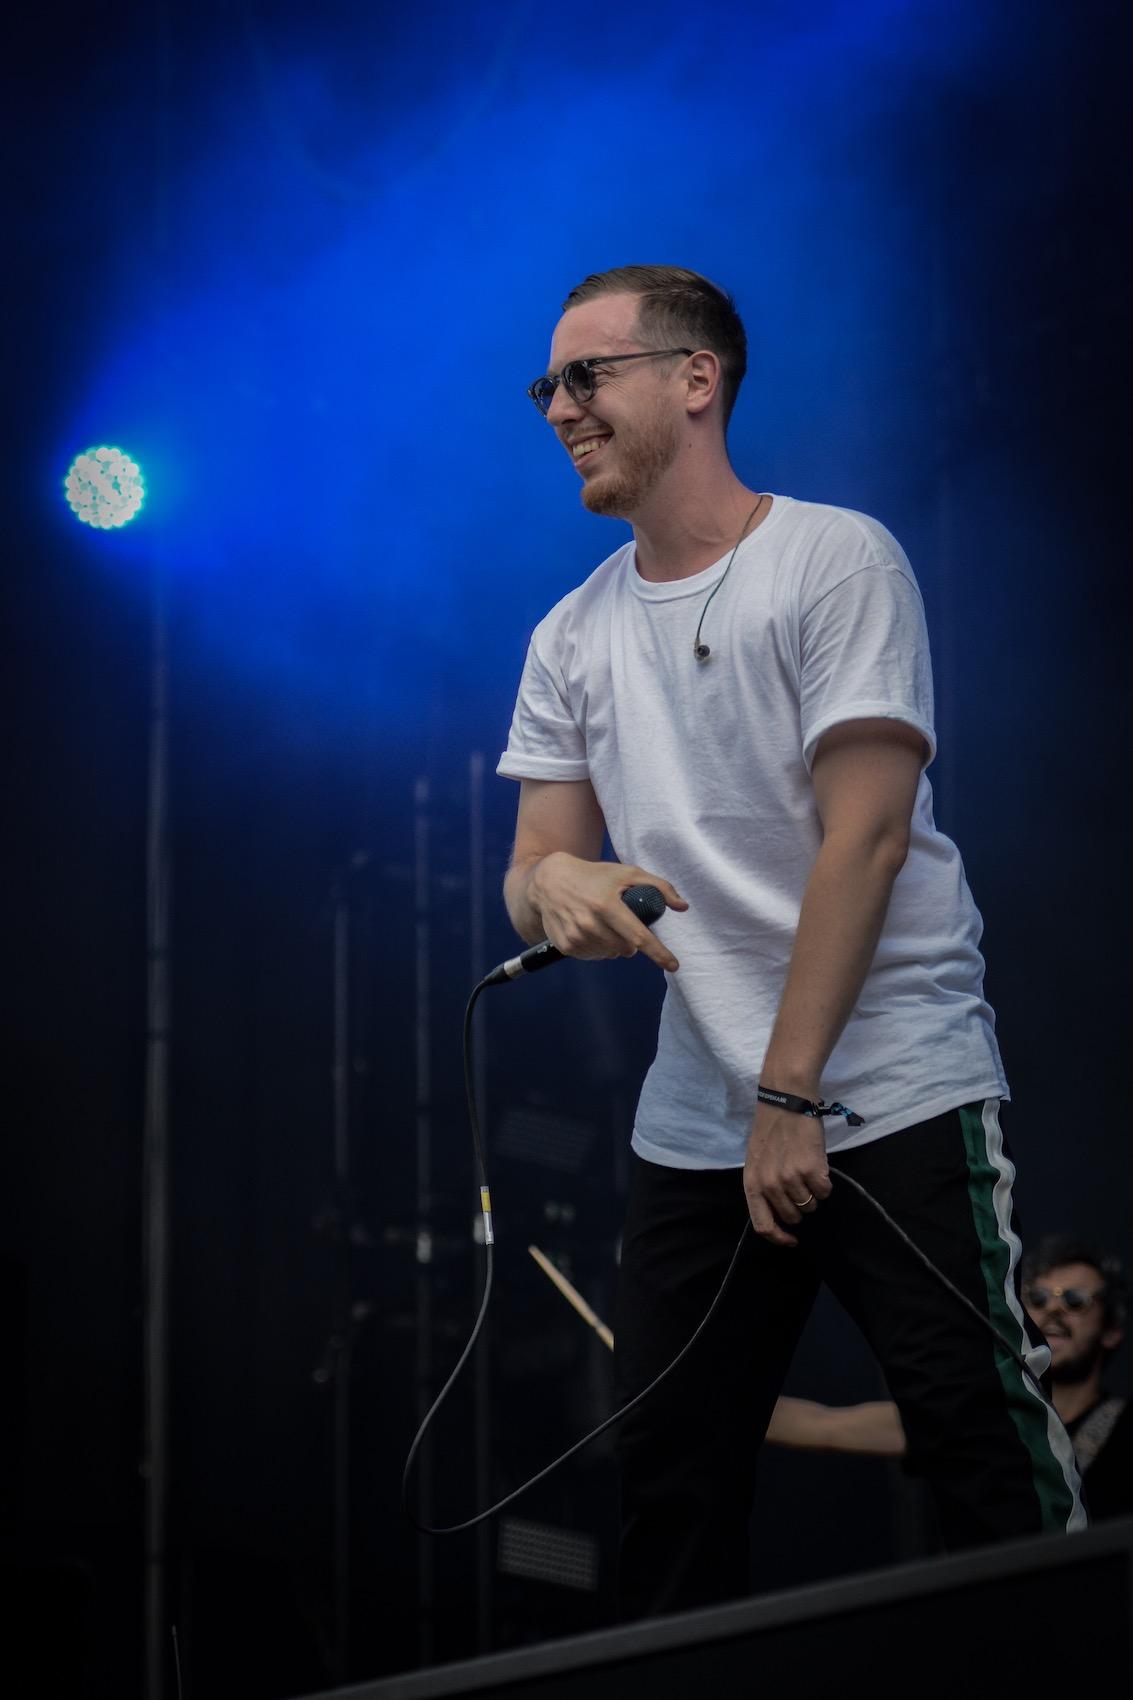 Das Lachen auf dem Gesicht verrät, dass er auch Spass auf der Bühne hatte.